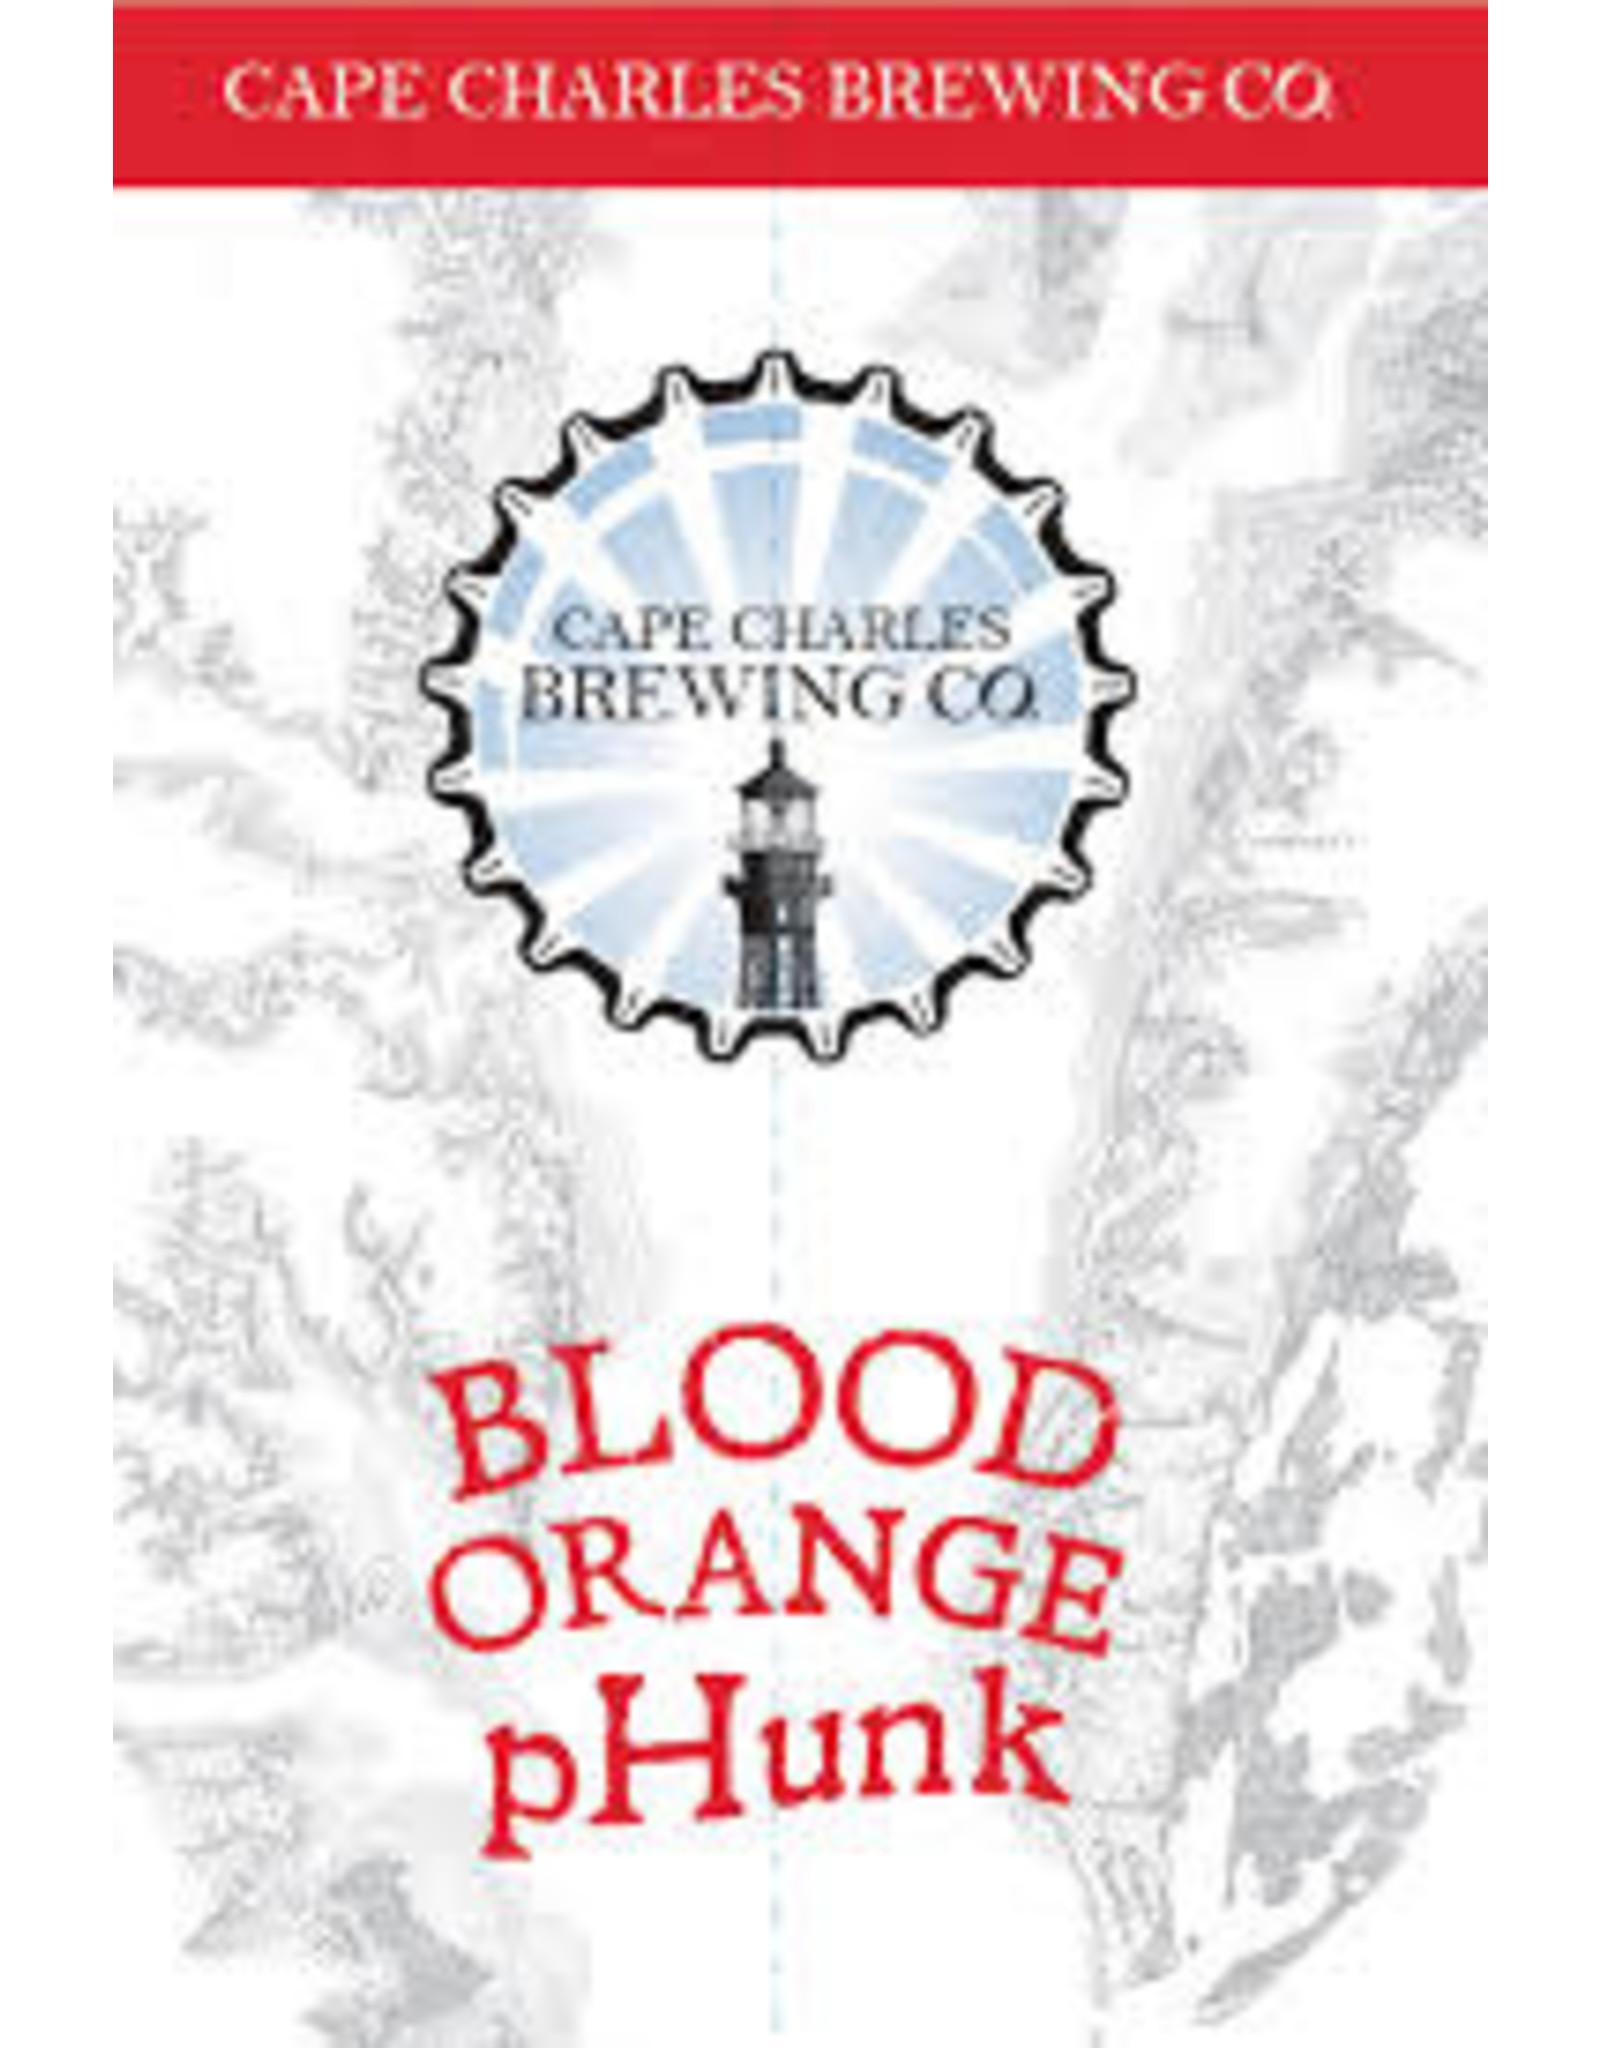 Cape Charles Cape Charles Blood Orange pHunk 4pk can